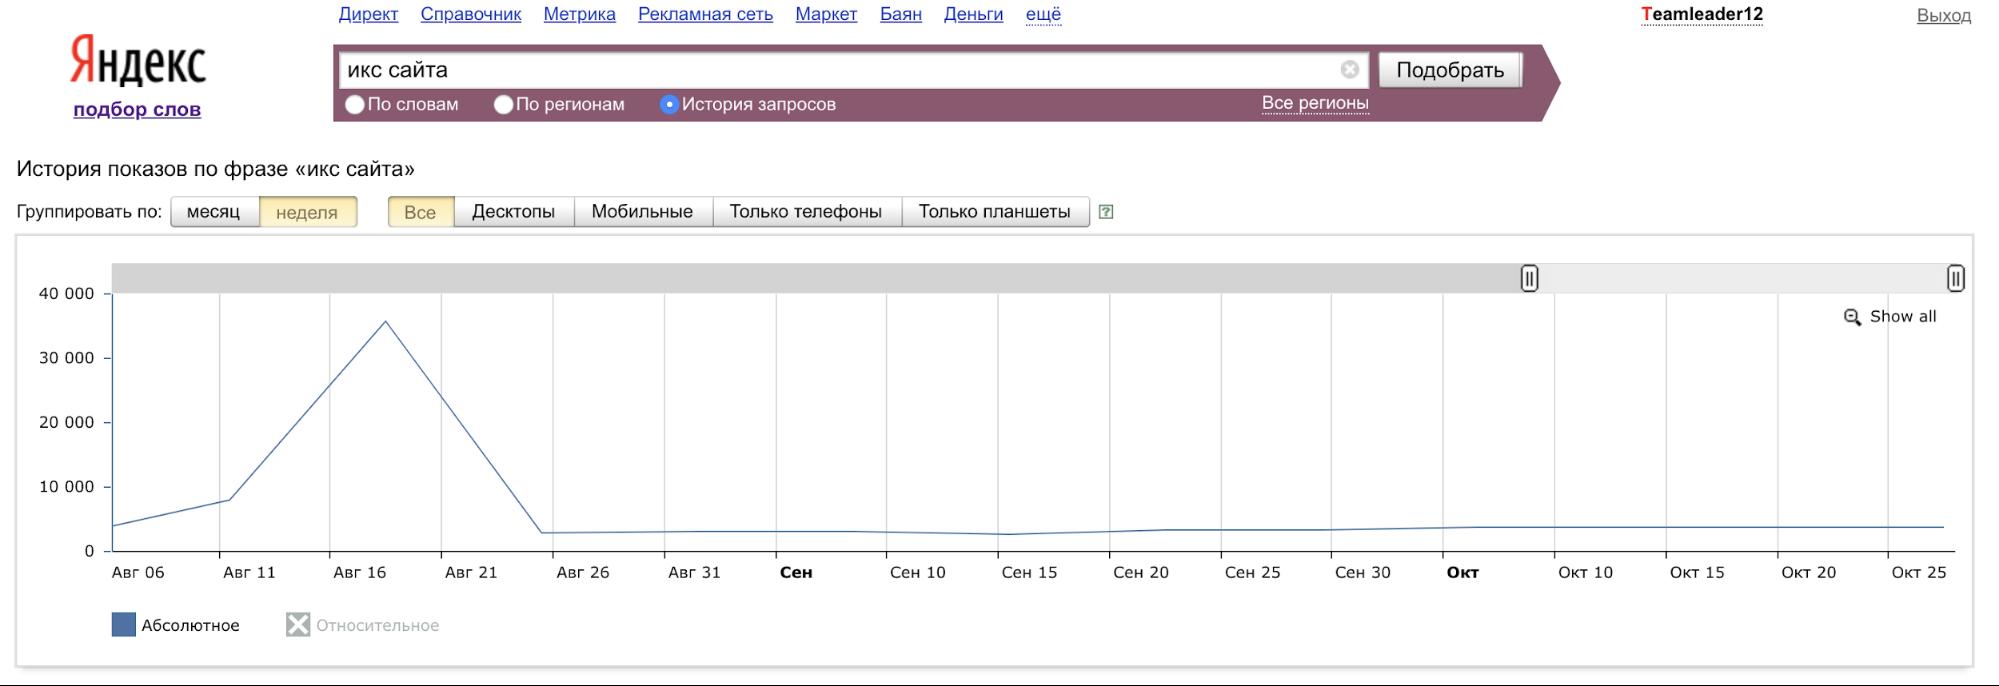 Рис. 1. Динамика популярности запросов «ИКС сайта» и «тИЦ сайта» по Яндекс.Вордстат